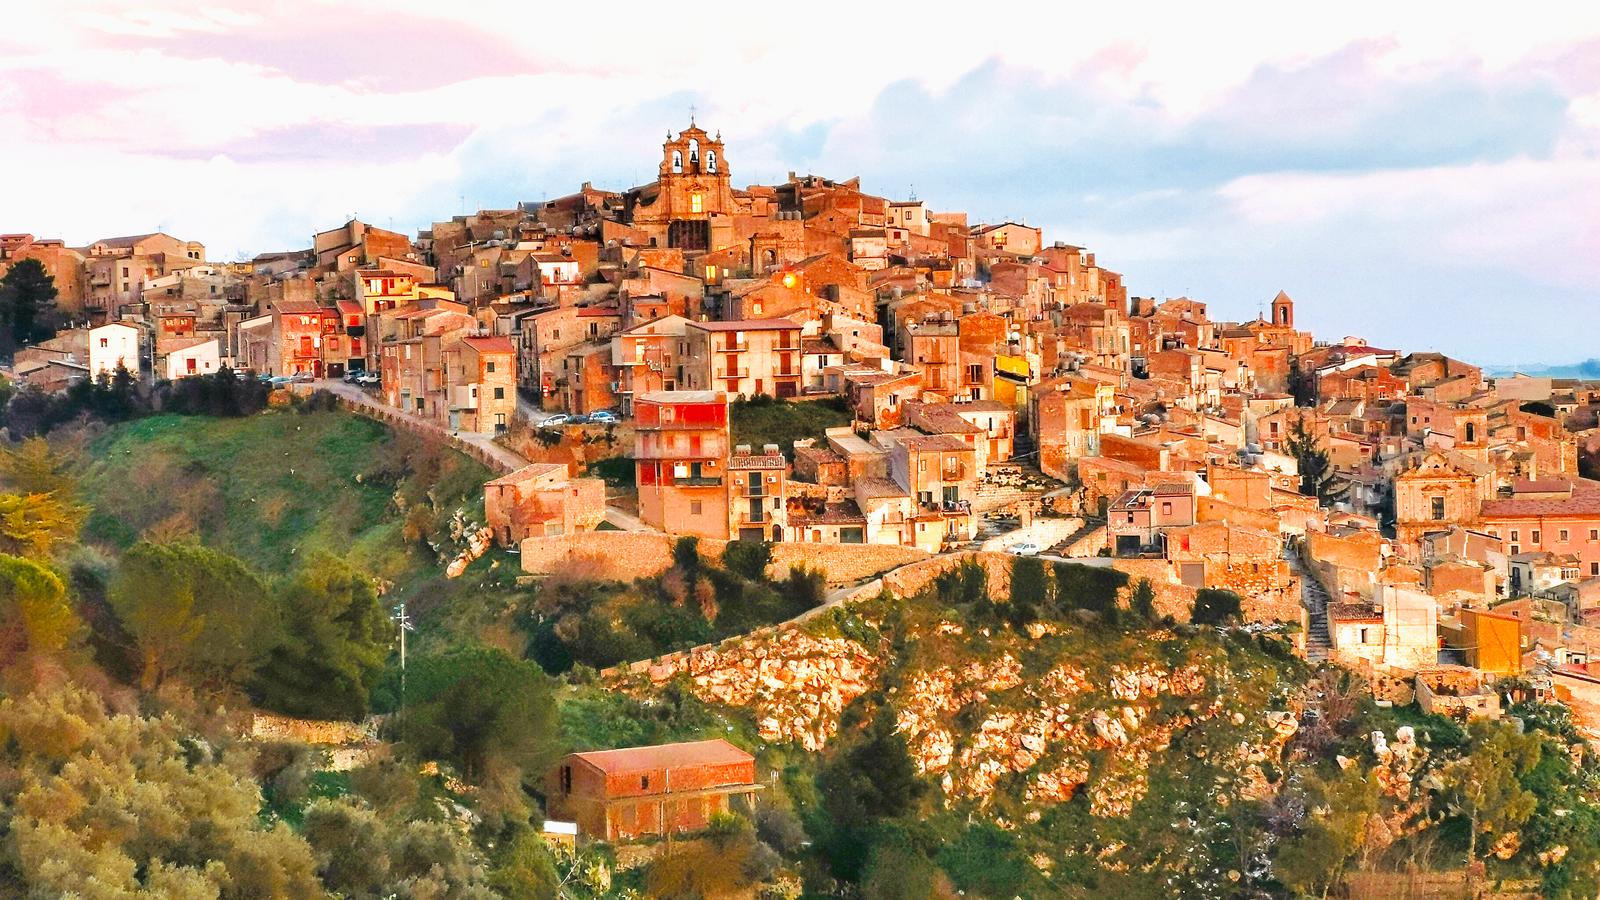 Mussomeli, na Sicília, também recebeu questionamentos sobre venda de casas